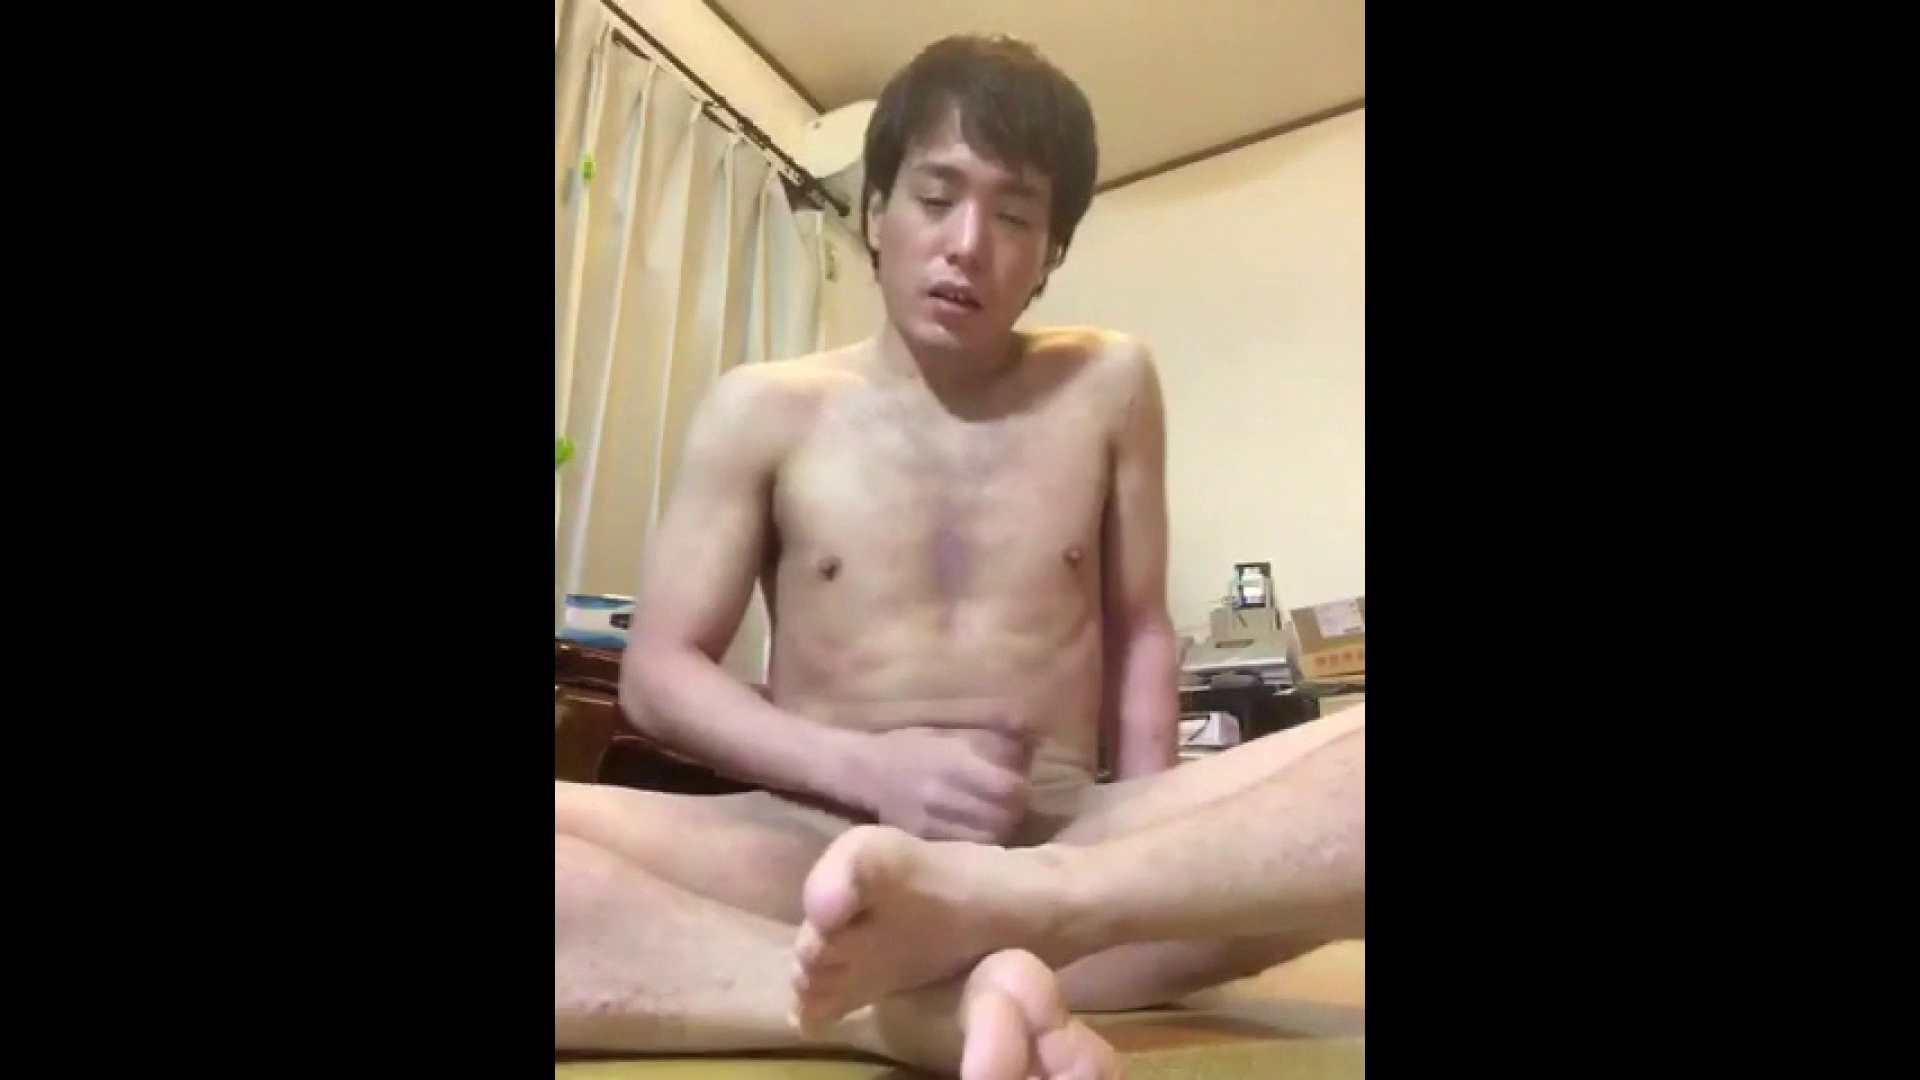 個人撮影 自慰の極意 Vol.30 オナニー ゲイアダルトビデオ画像 78pic 43